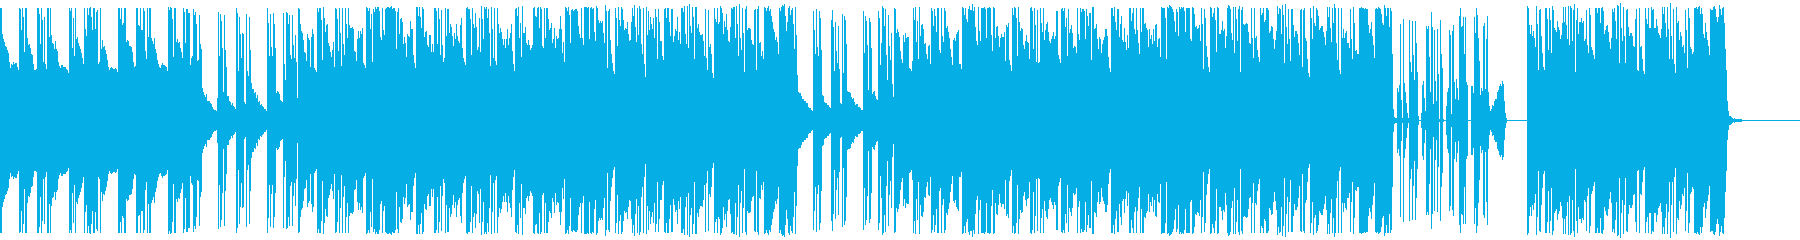 ヒップホップ/超重バス/トラップ#1の再生済みの波形